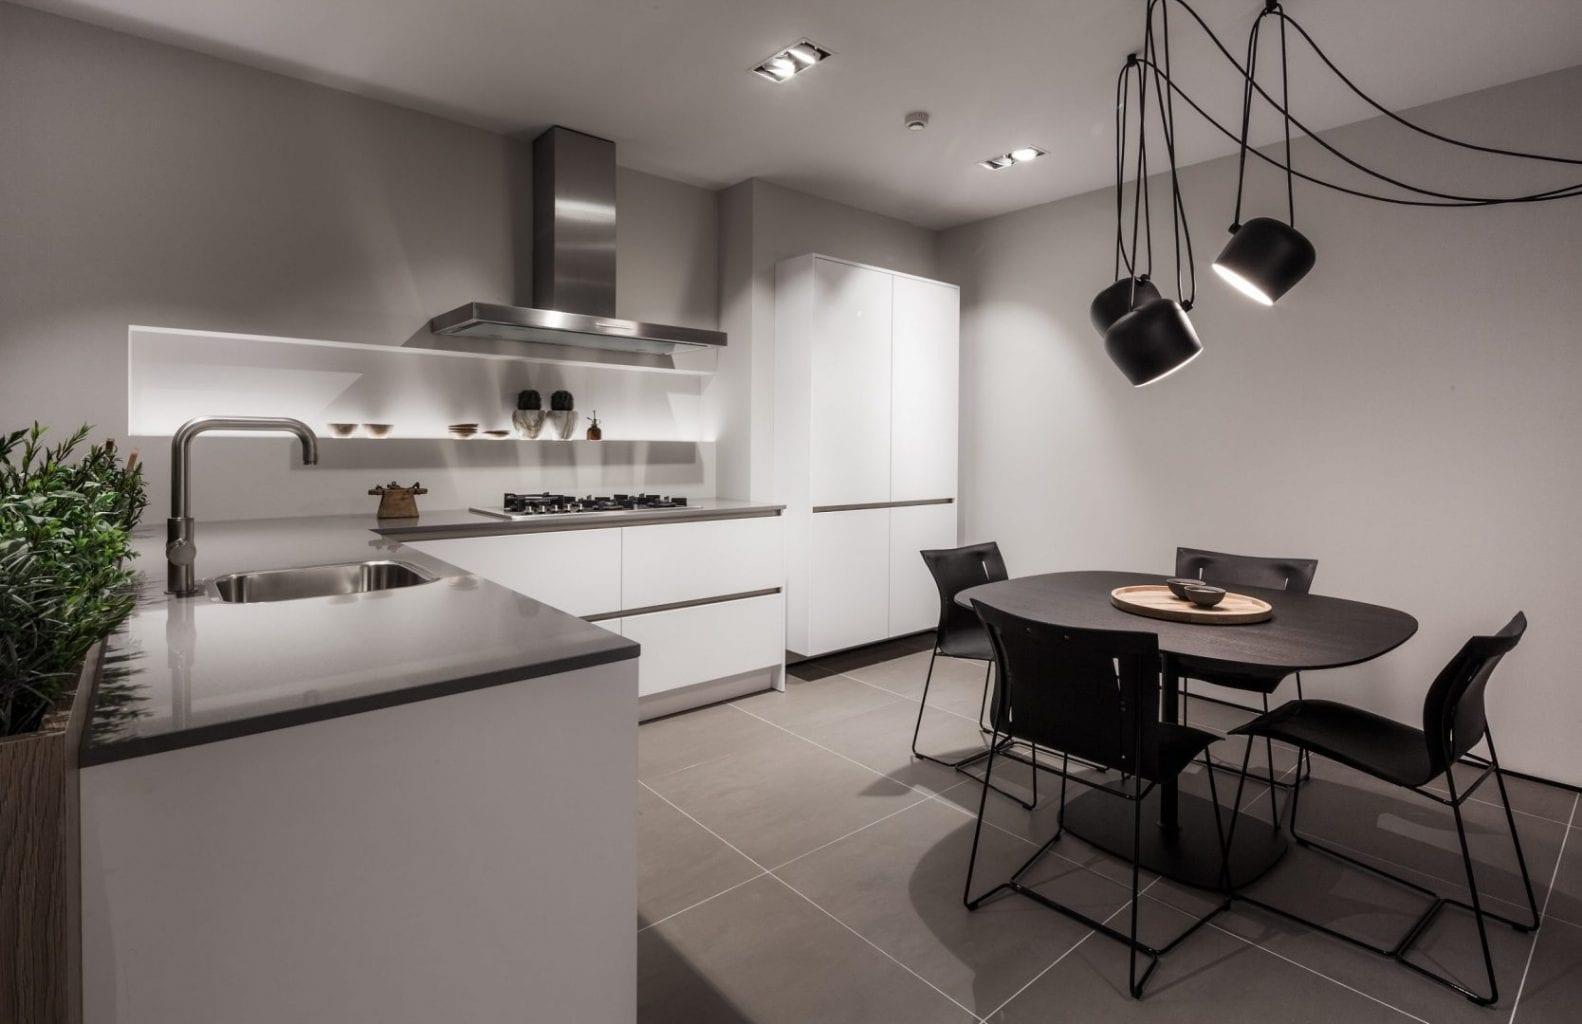 Ontwerp uw keuken corian in uw keuken aswa keukens